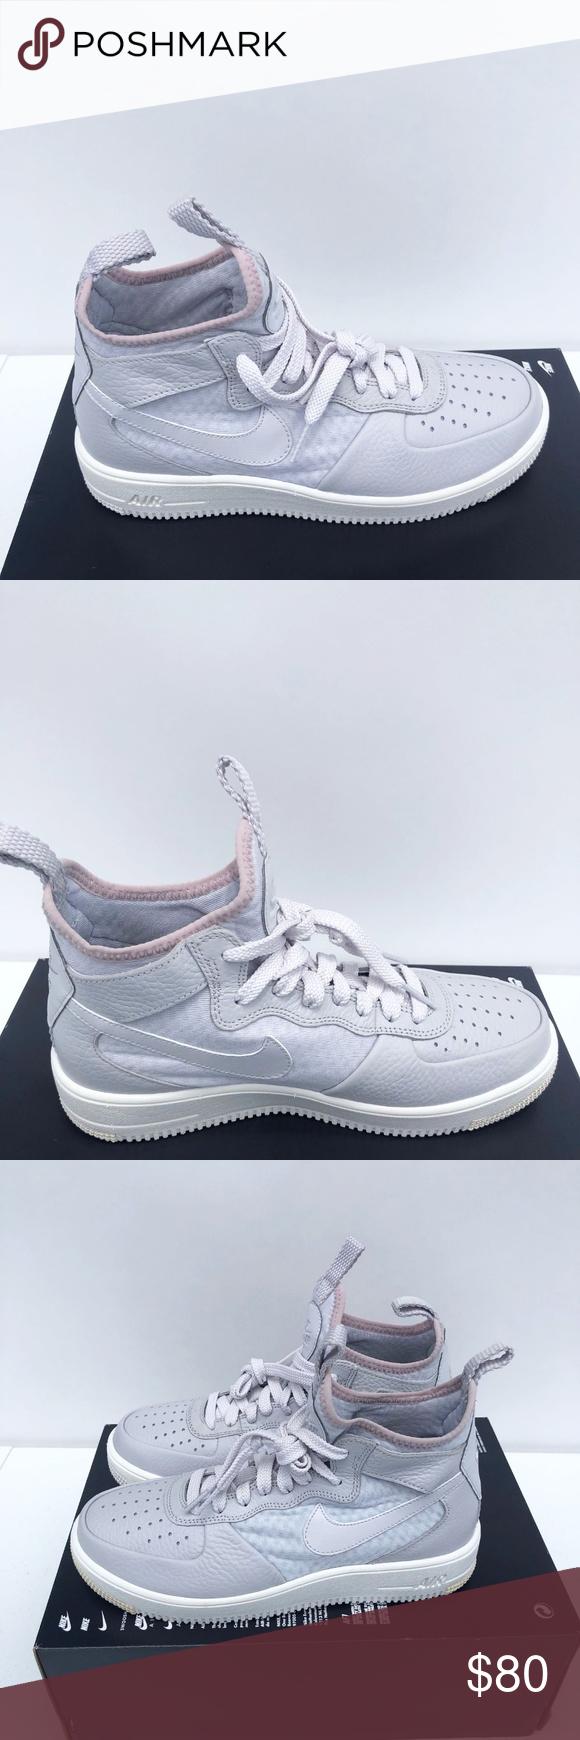 Nike Air Force Ultraforce MID Grey Womens Nike Air Force 1